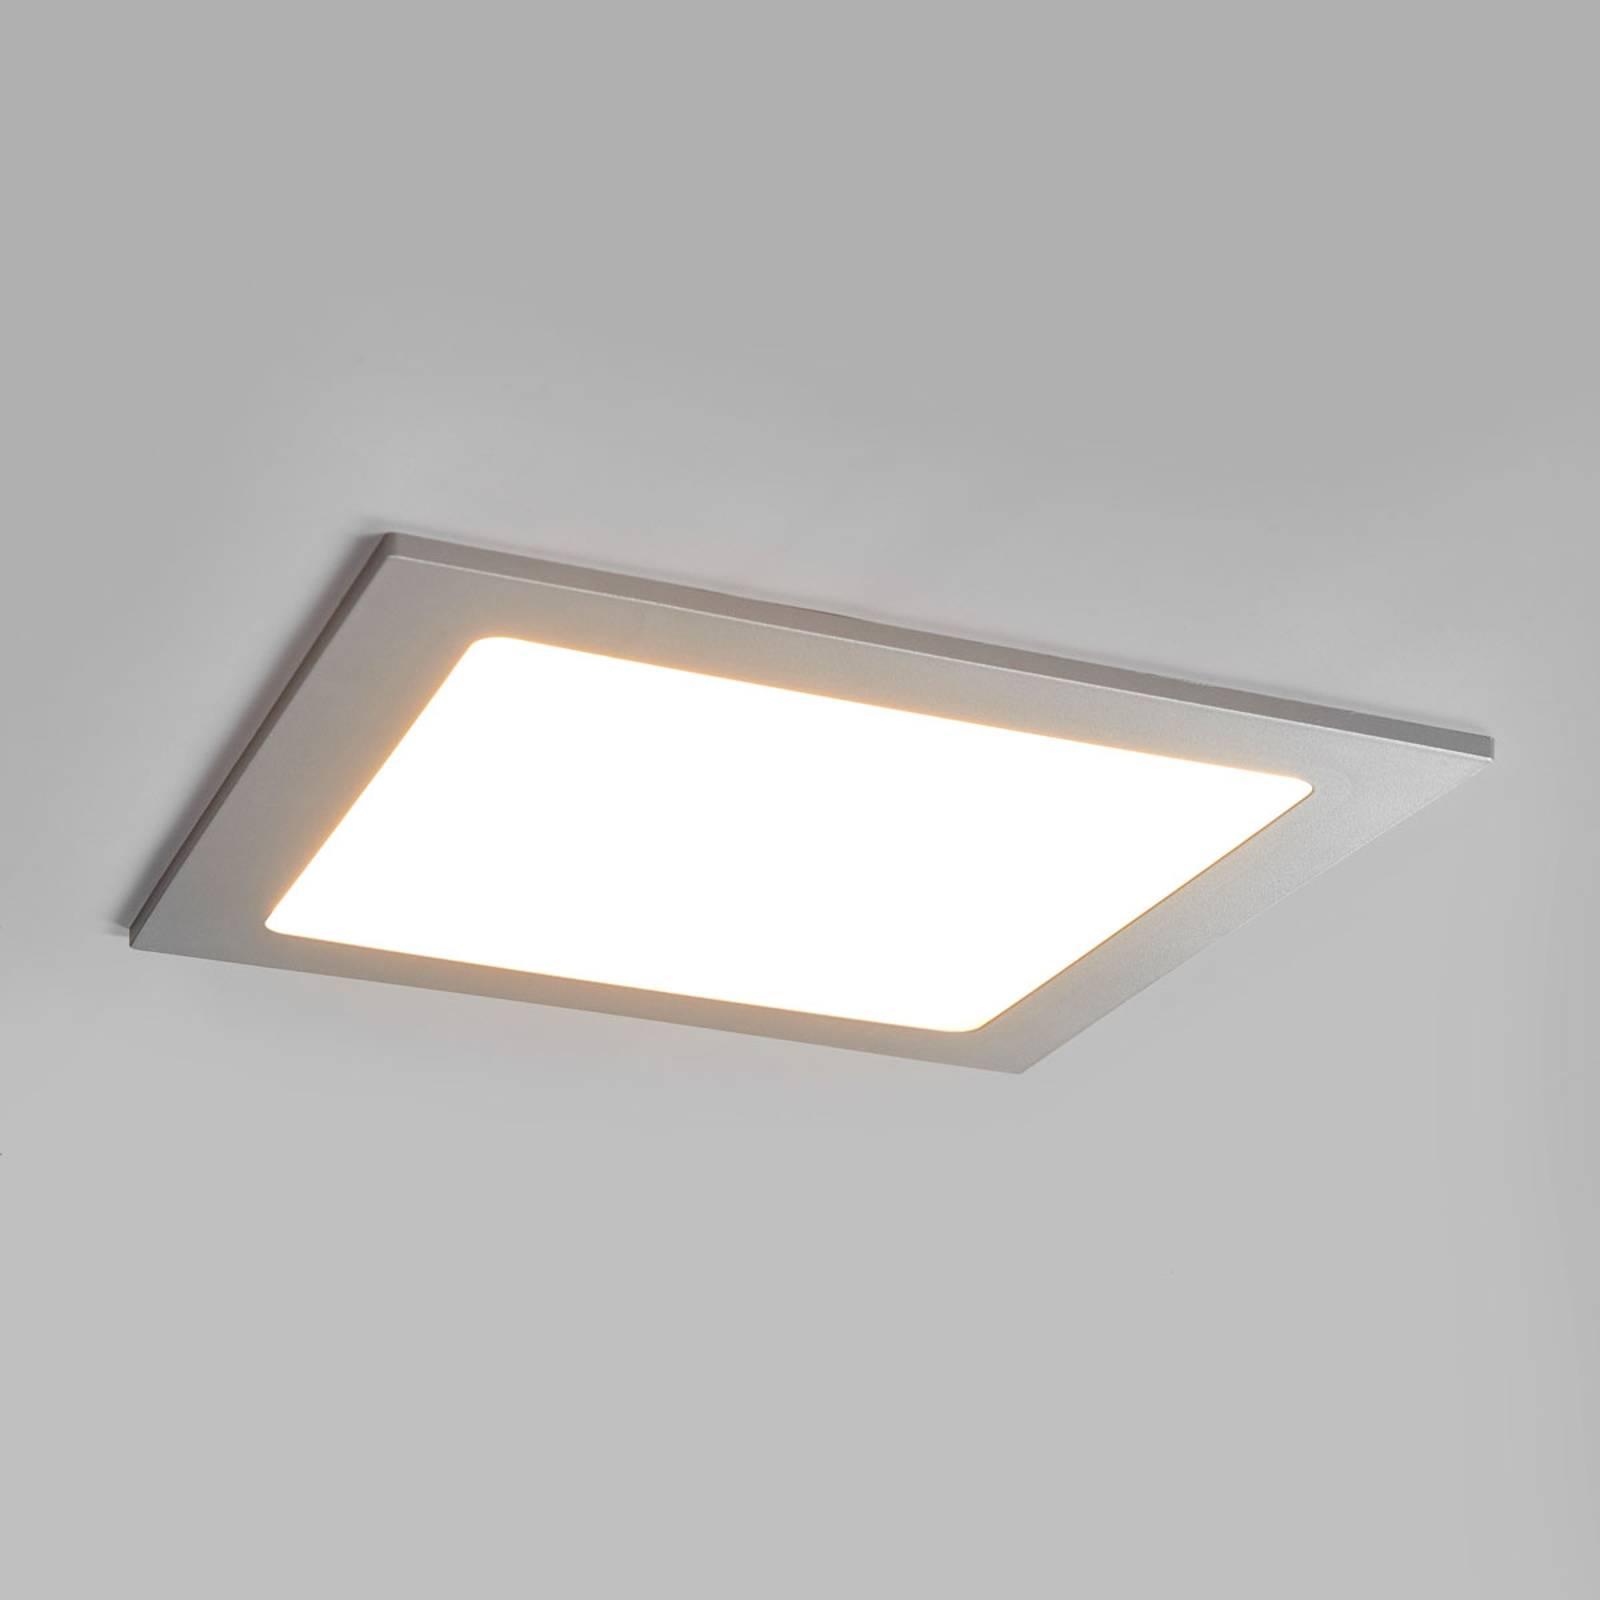 LED inbouwspot Joki zilver 3000K hoekig 22cm